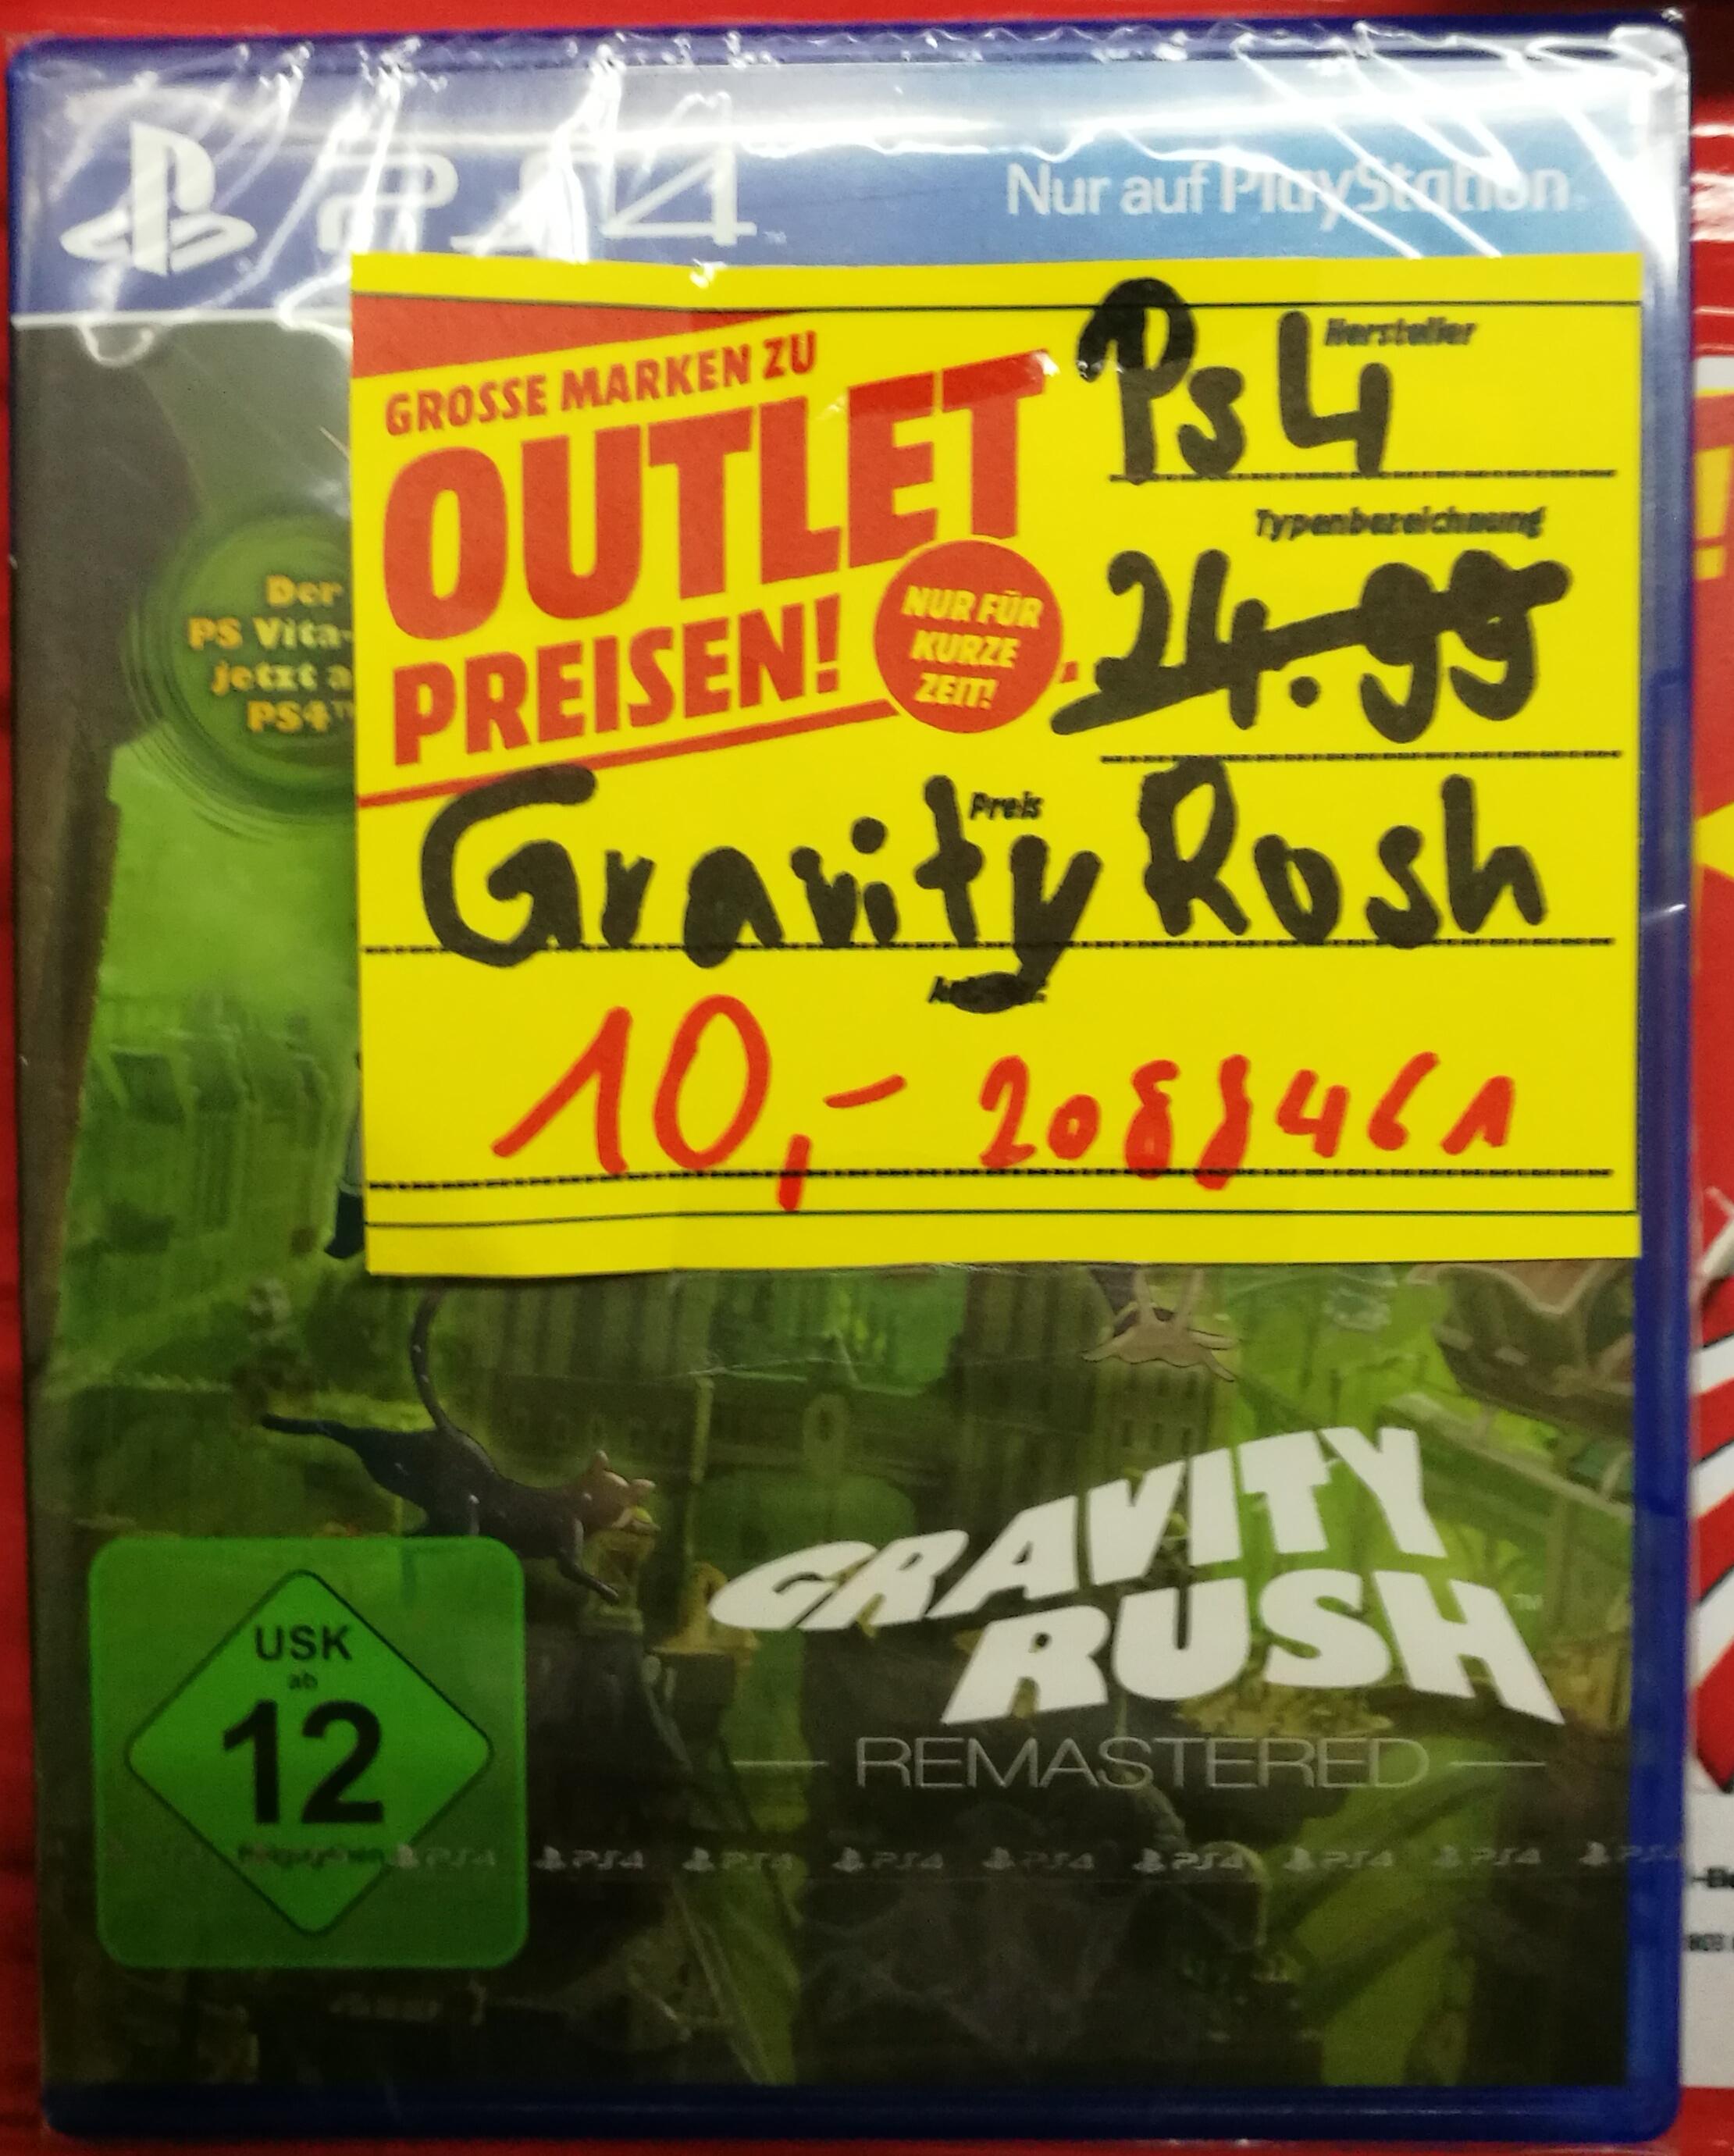 [Lokal] Media Markt Krefeld Gravity Rush Remastered PS4